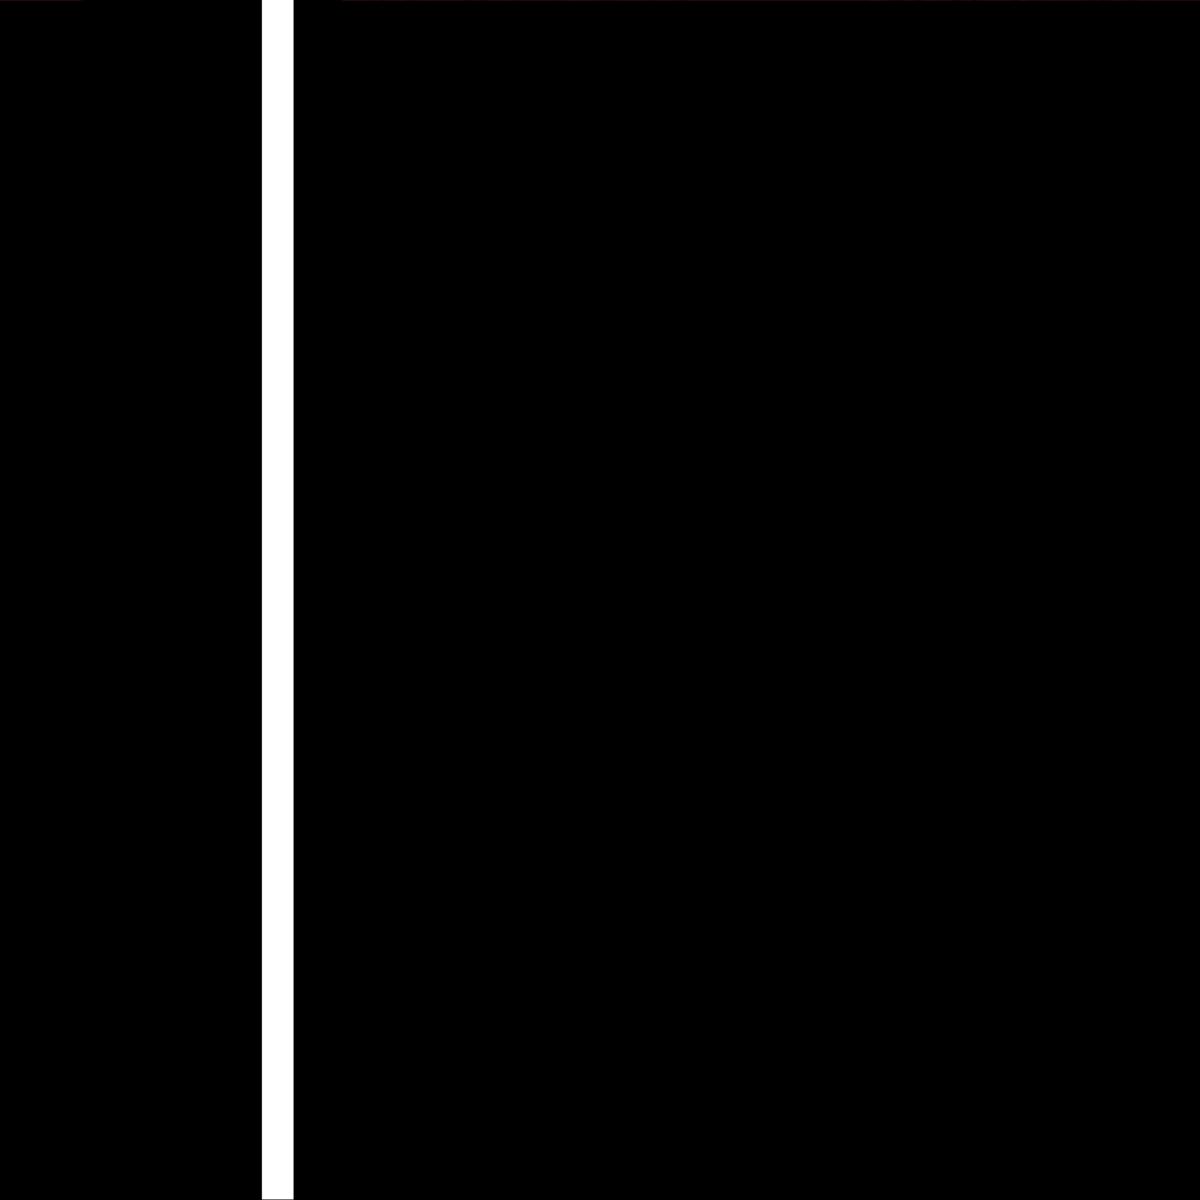 f:id:aizu-vr:20191001130238p:plain